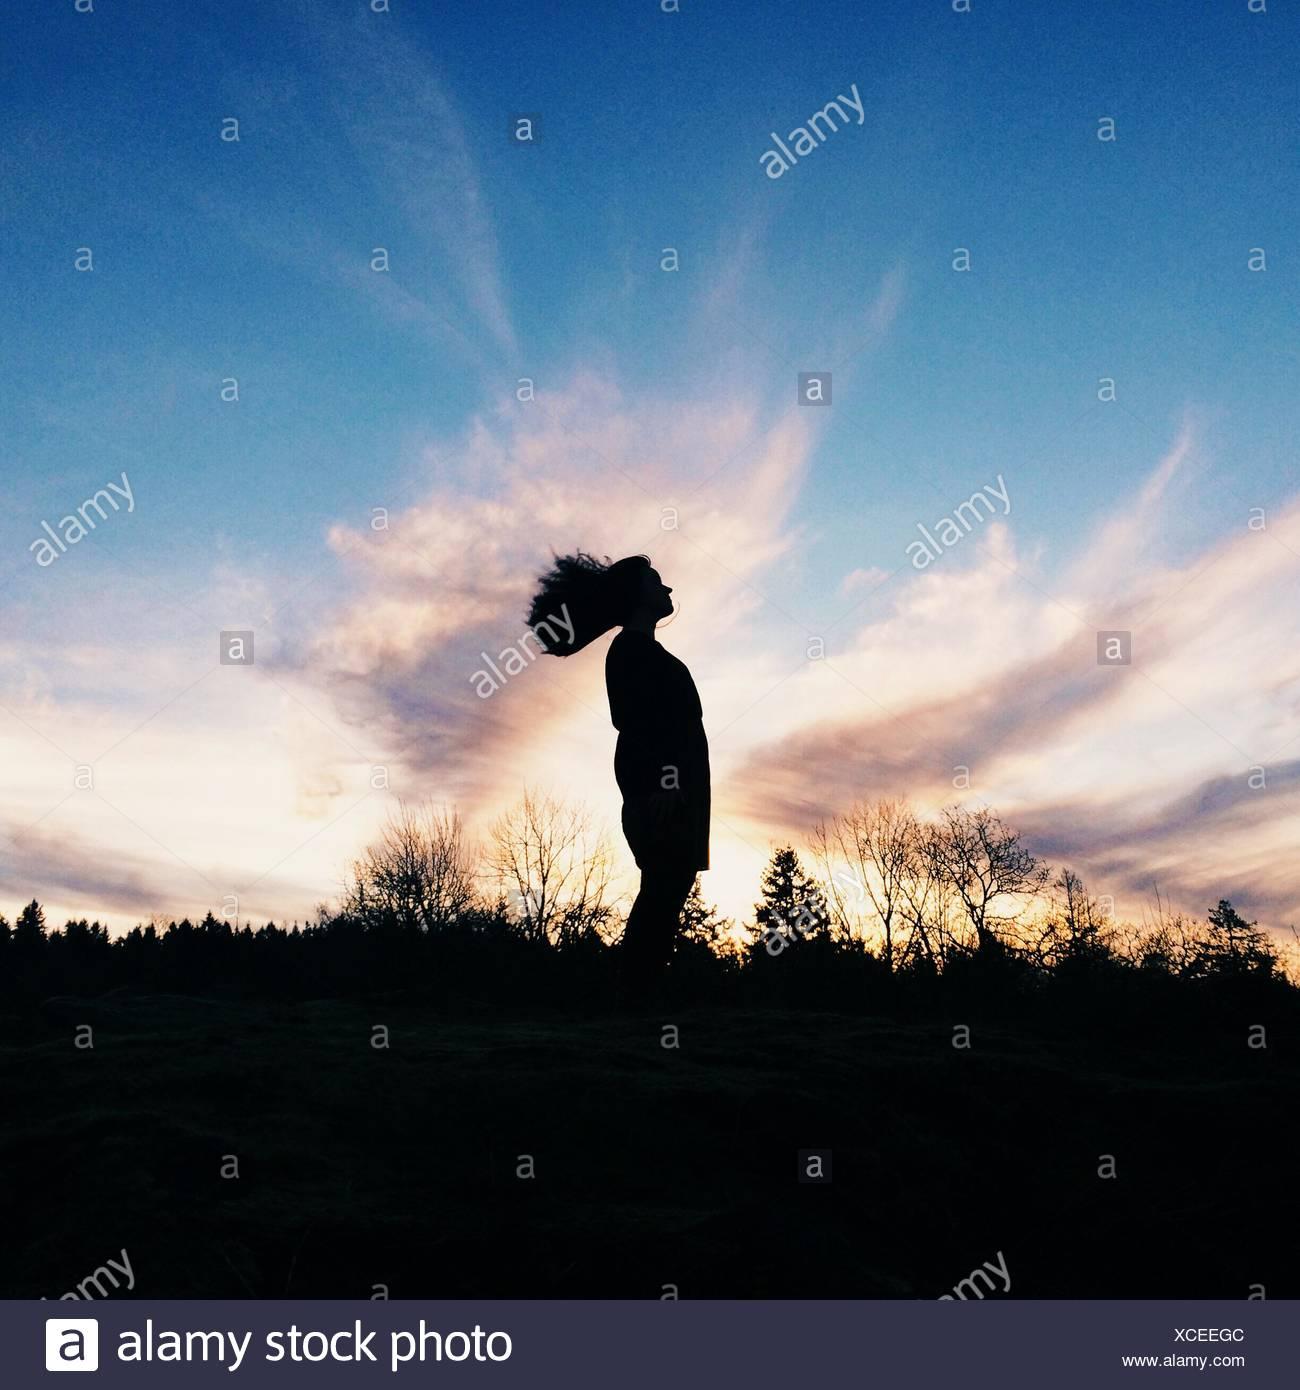 Silueta de cabello salvaje. El cabello de la chica volando, esbozado por la exquisita puesta de sol Imagen De Stock